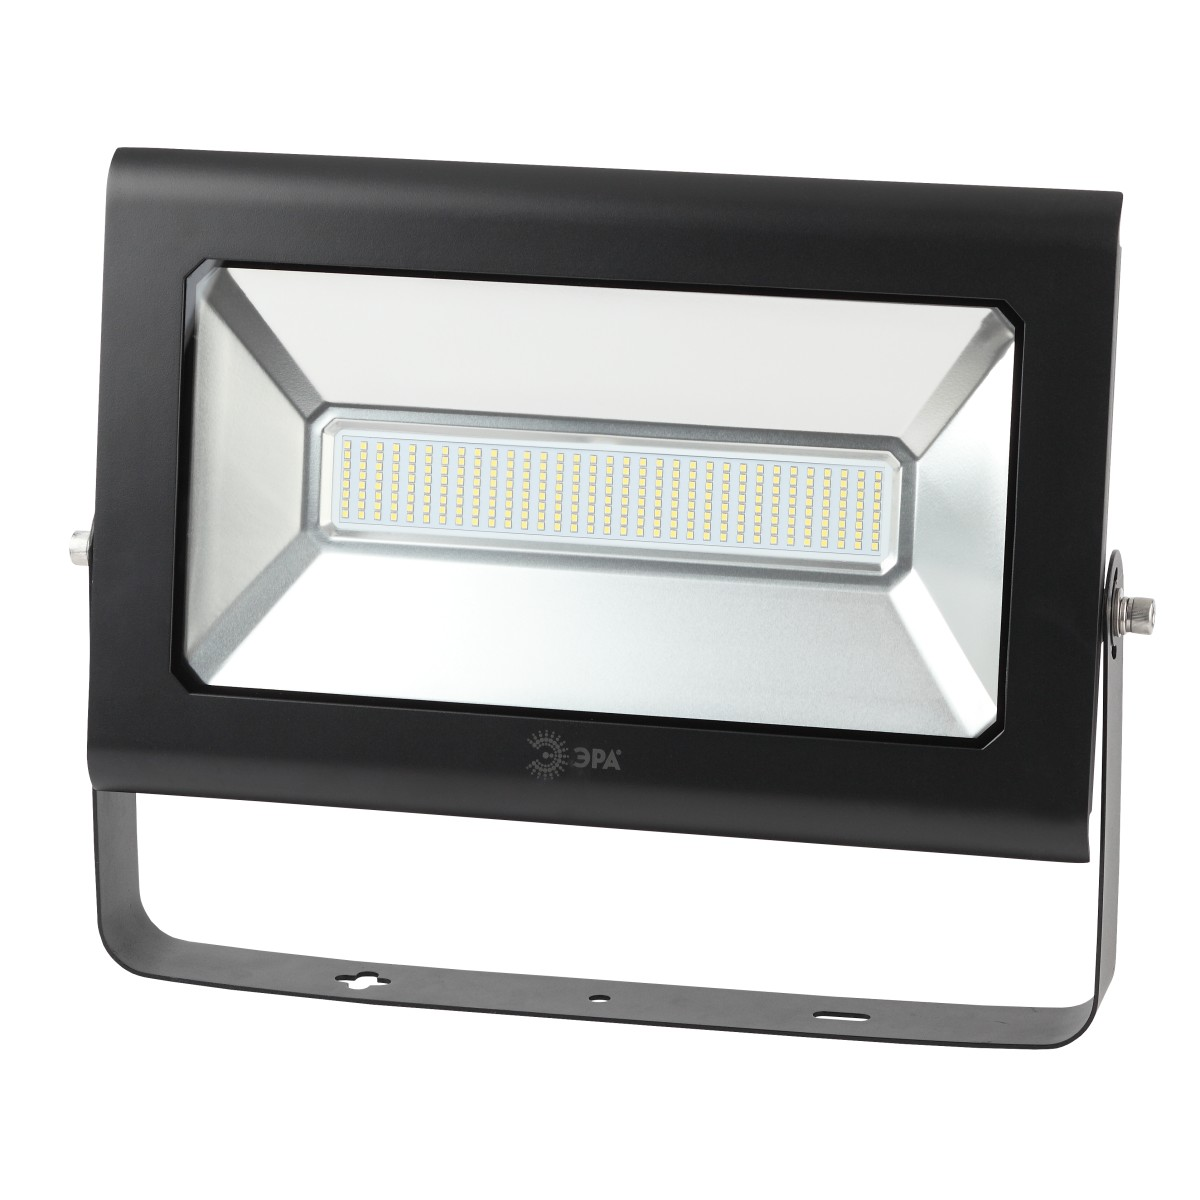 Прожектор уличный светодиодный Эра Pro Б0033095 6500 К 200 Вт IP65 18000 Лм